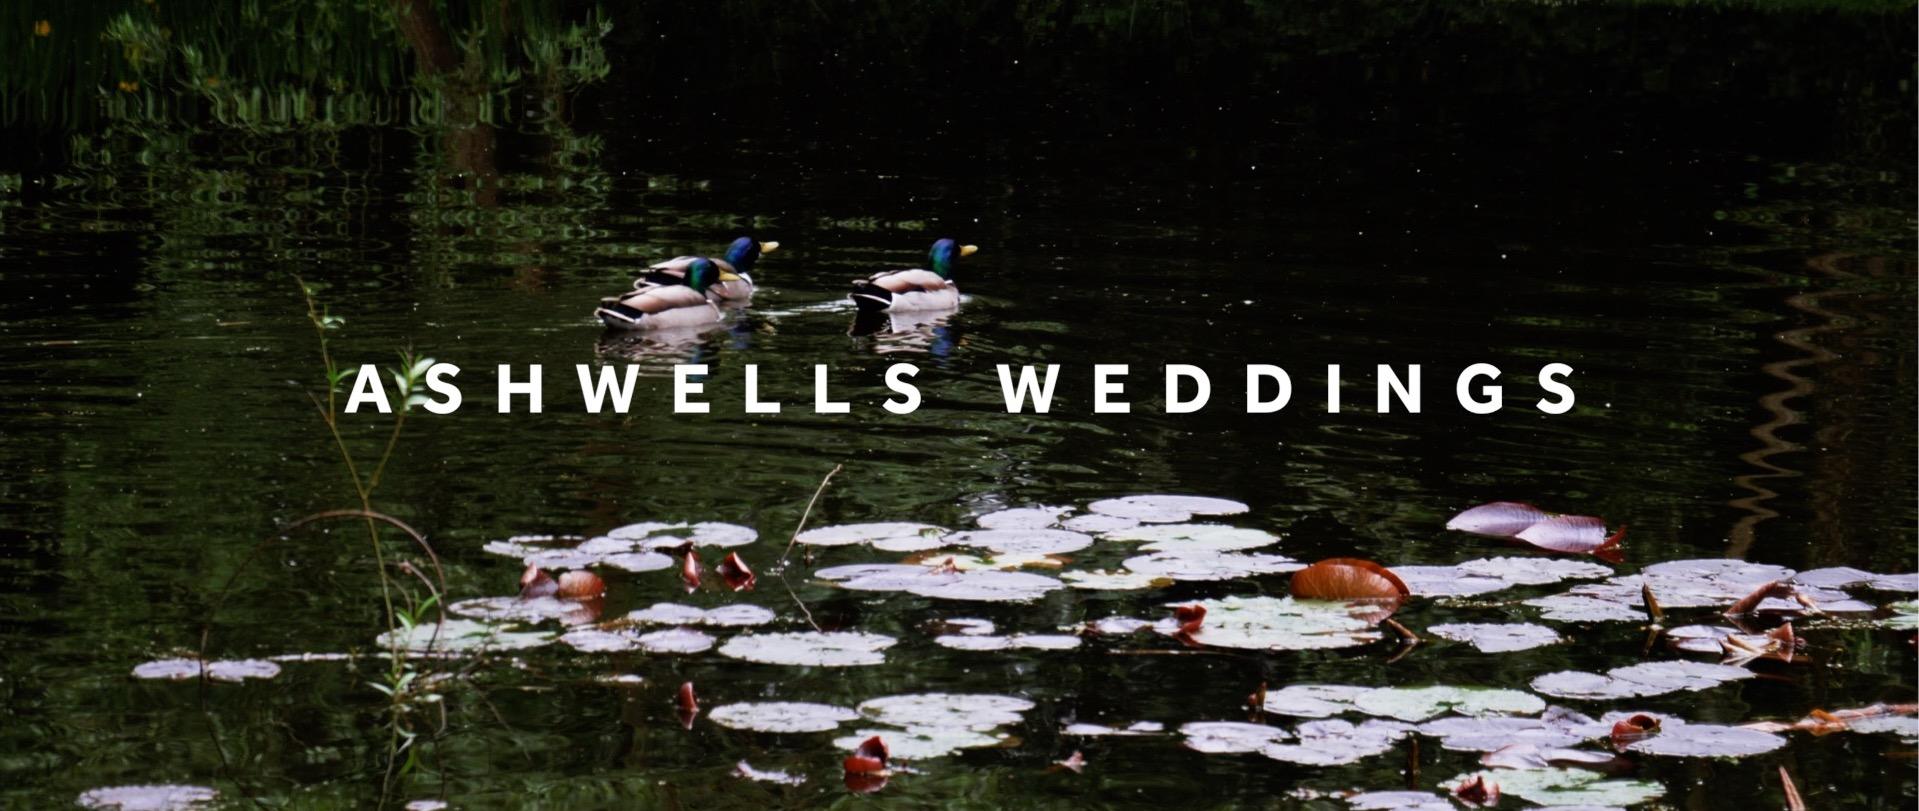 Ashwells Wedding Venue